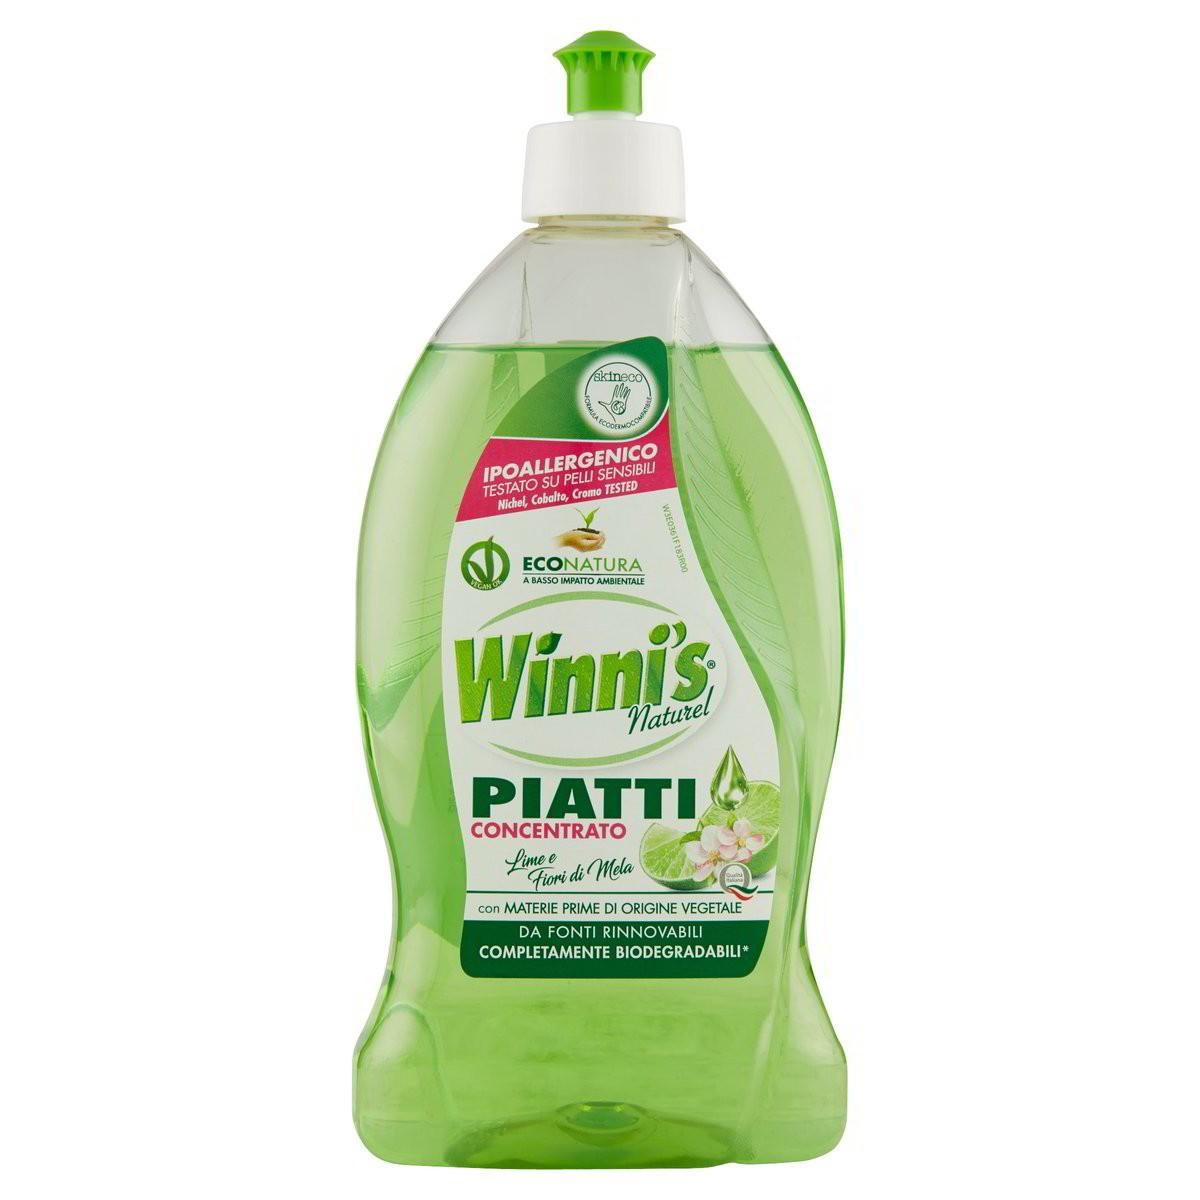 Winni's Detersivo Piatti ecologico